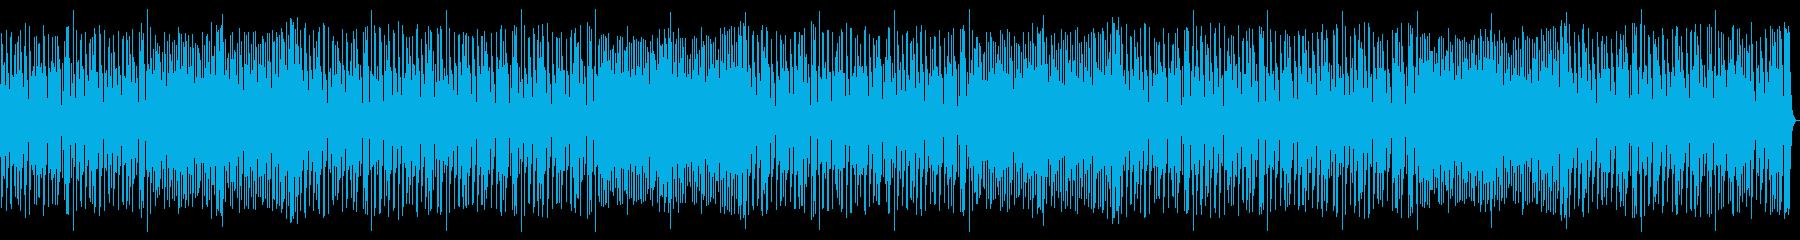 アップライトベース、ピアノ、ブラシ...の再生済みの波形